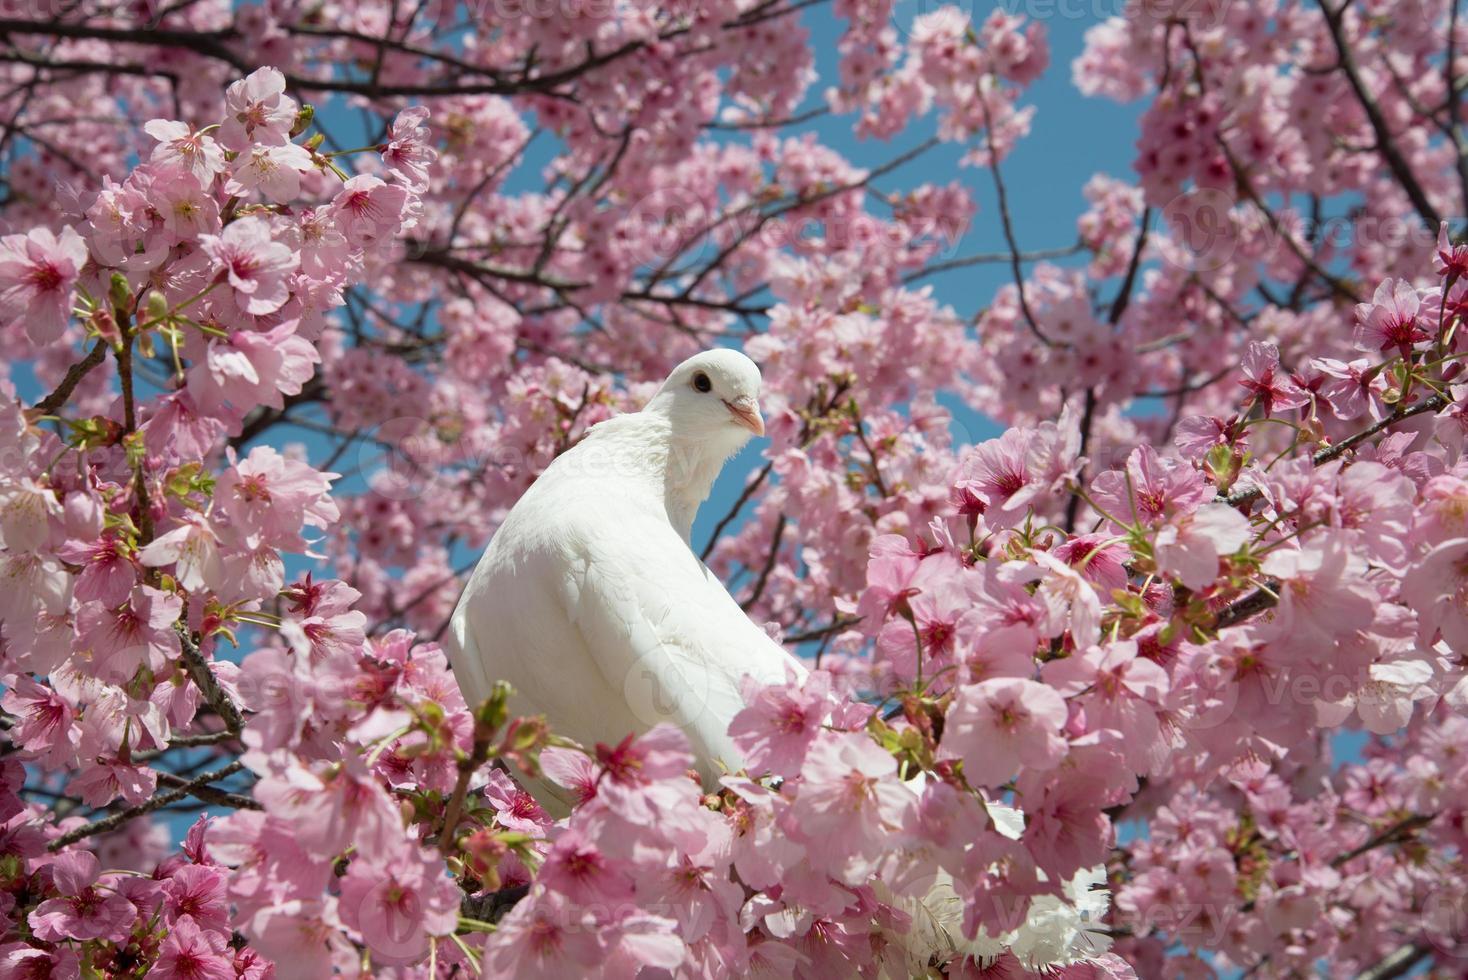 duif en kersenbloesem foto